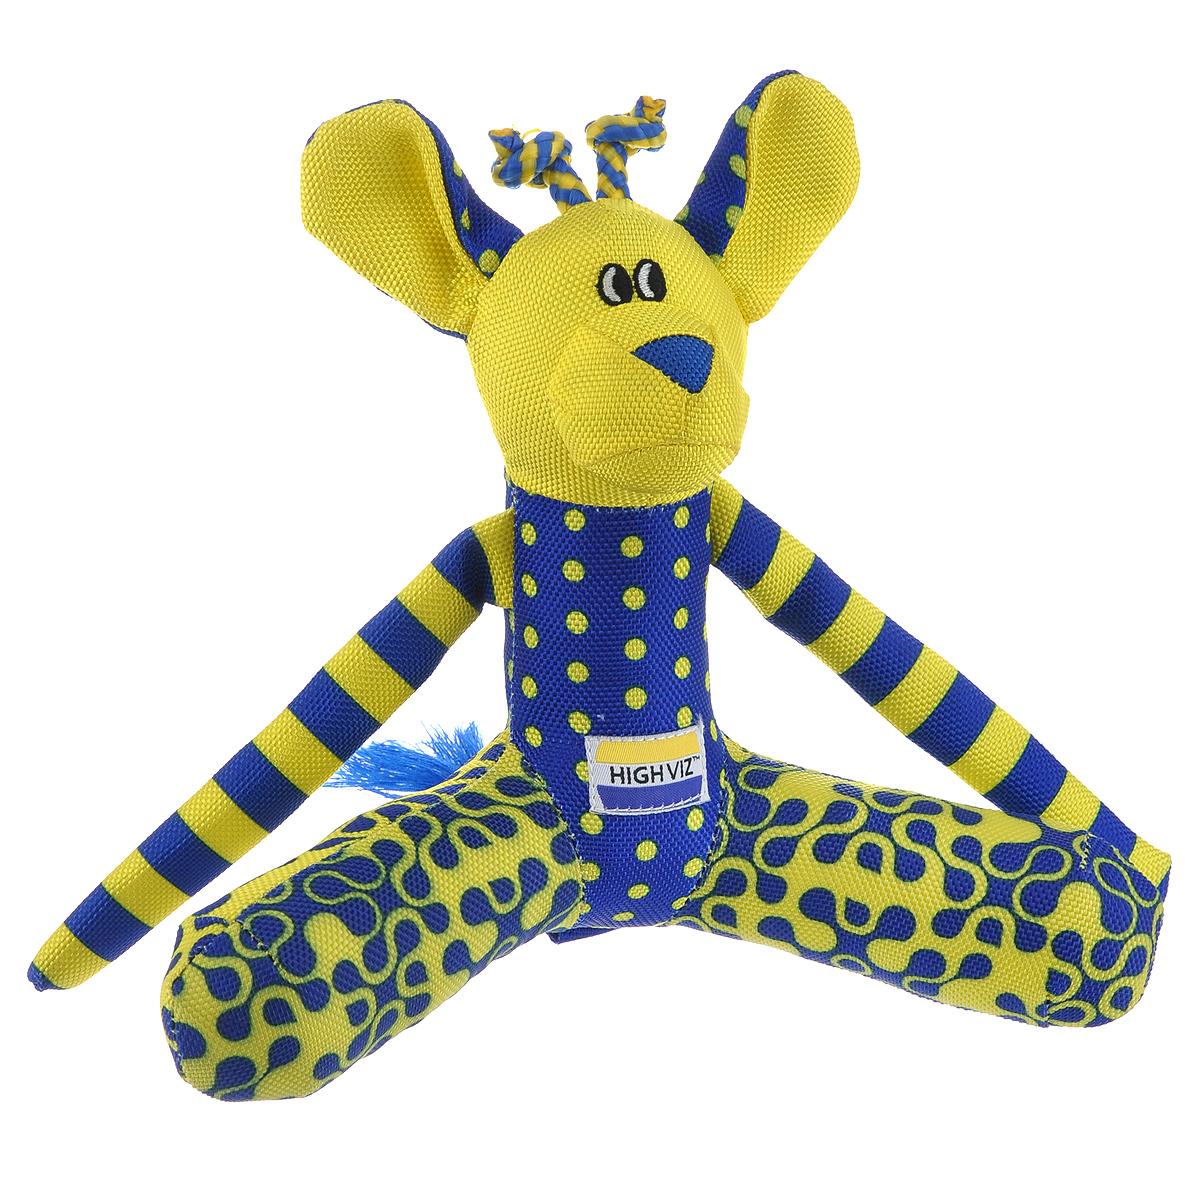 Игрушка для собак R2P Pet Кенгуру, цвет: желтый, синий417Игрушка для собак R2P Pet Кенгуру - прекрасный подарок для вашего питомца! Игрушка выполнена из текстиля и полиэстера. Собаки воспринимают цвет не так, как человек. Игрушки серии High-Viz разработаны с учетом особенностей зрения собак - сочетание желтого и сине-фиолетового цвета является оптимальным и повышает видимость игрушки. Высококонтрастные расцветки наиболее подходят для глаз собак, стимулируют их внимание и привлекают к игре. Такая игрушка привлечет внимание вашего любимца и обязательно ему понравится.